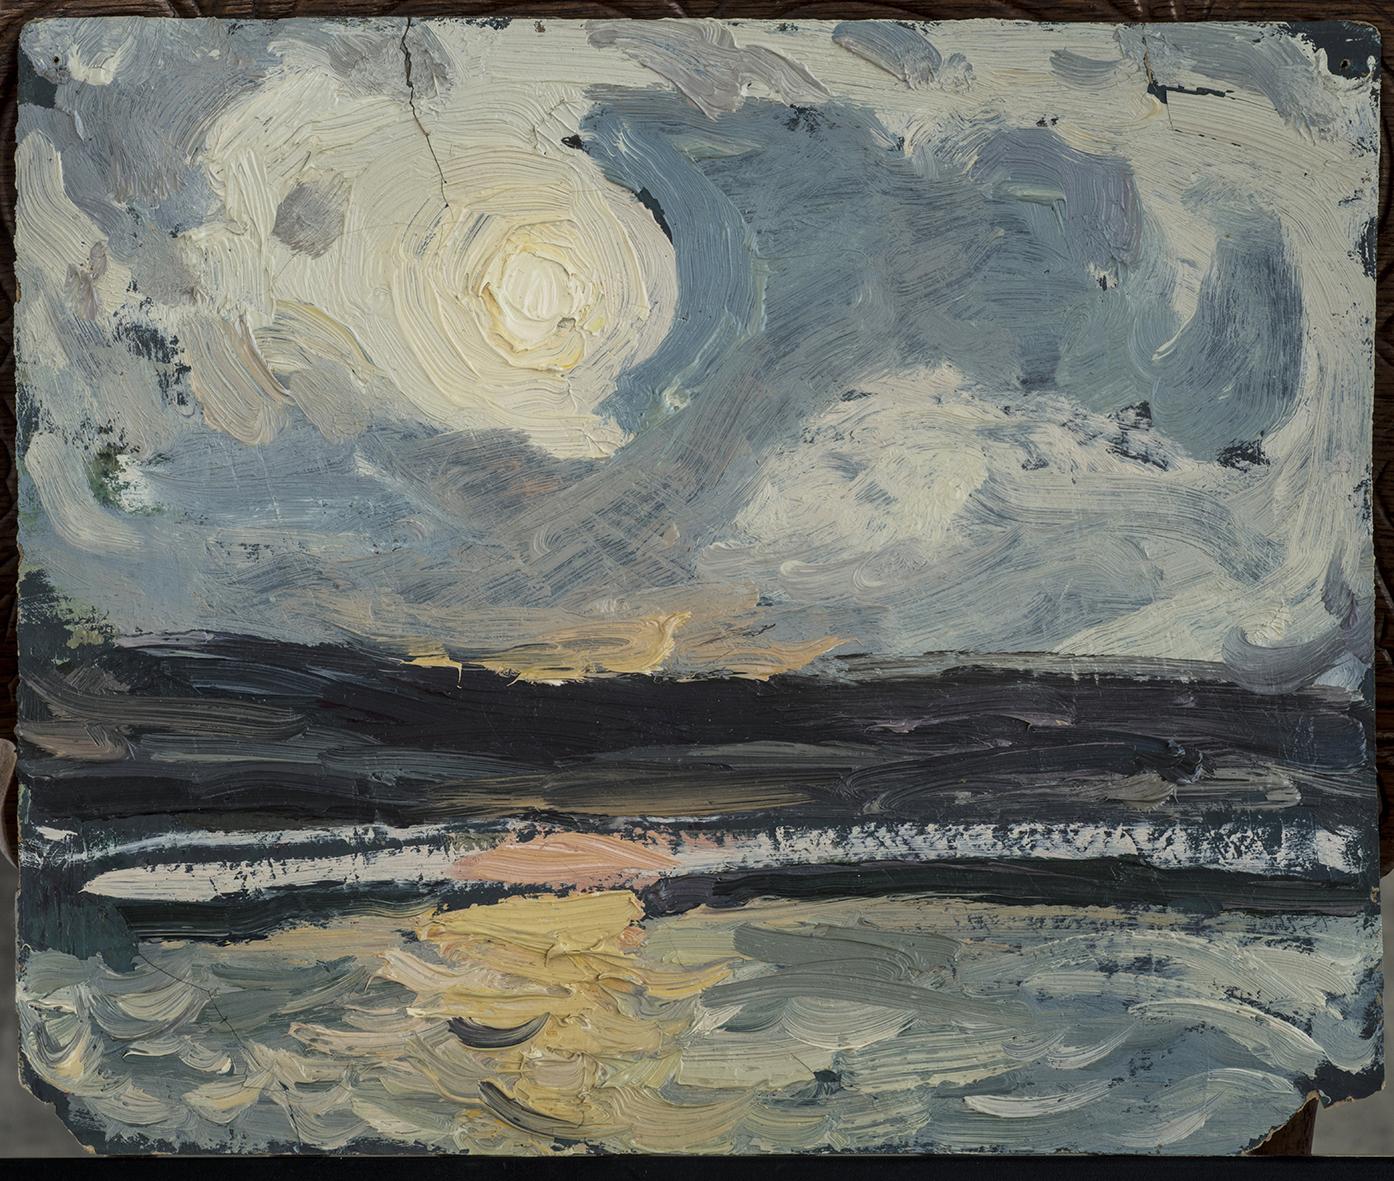 赵文量   《前海落日》,1960年  22X26cm 油画纸